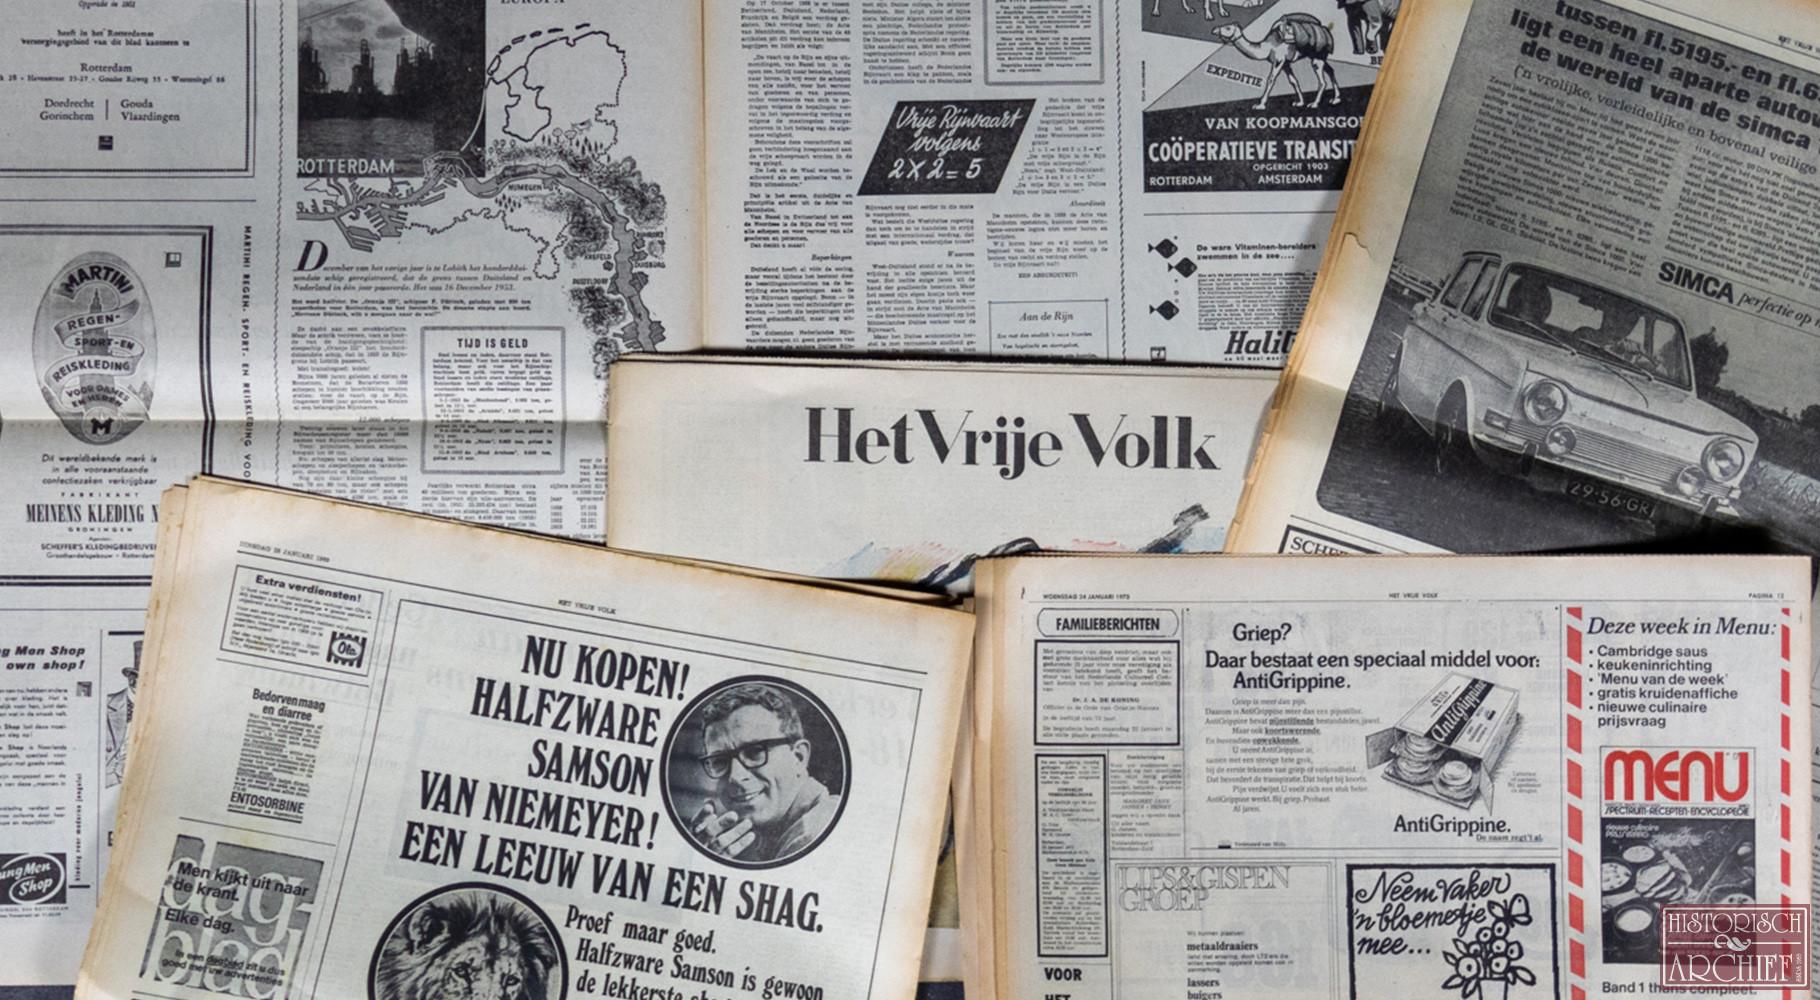 Krant geboortedag van Het vrije volk